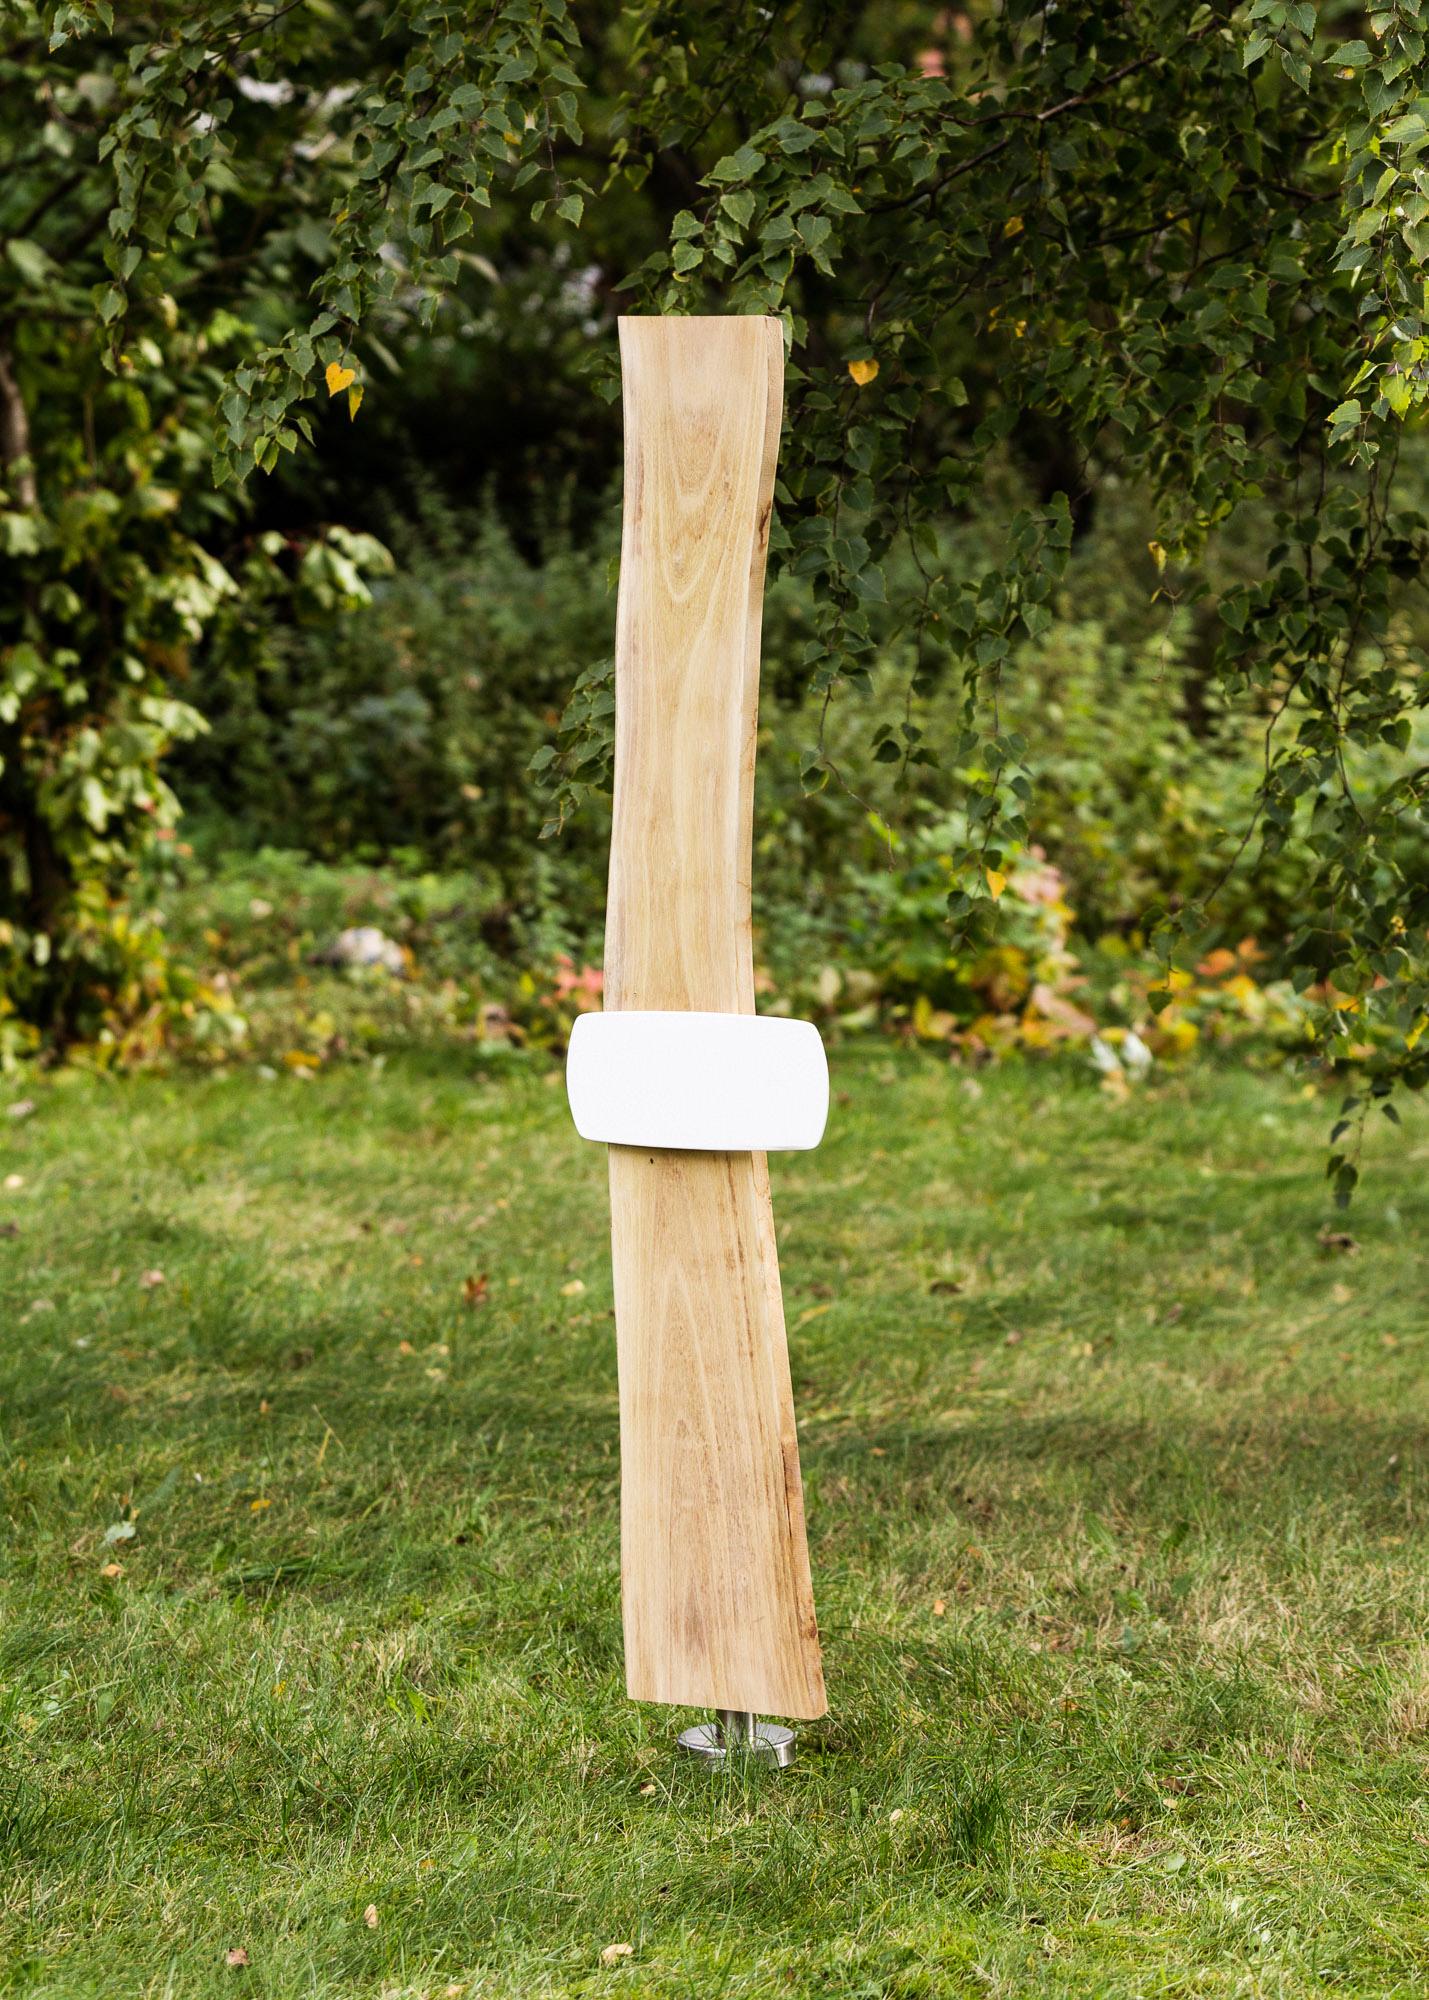 Holzgrabmal in Naturform mit langem gewölbtem Emaille-Schild